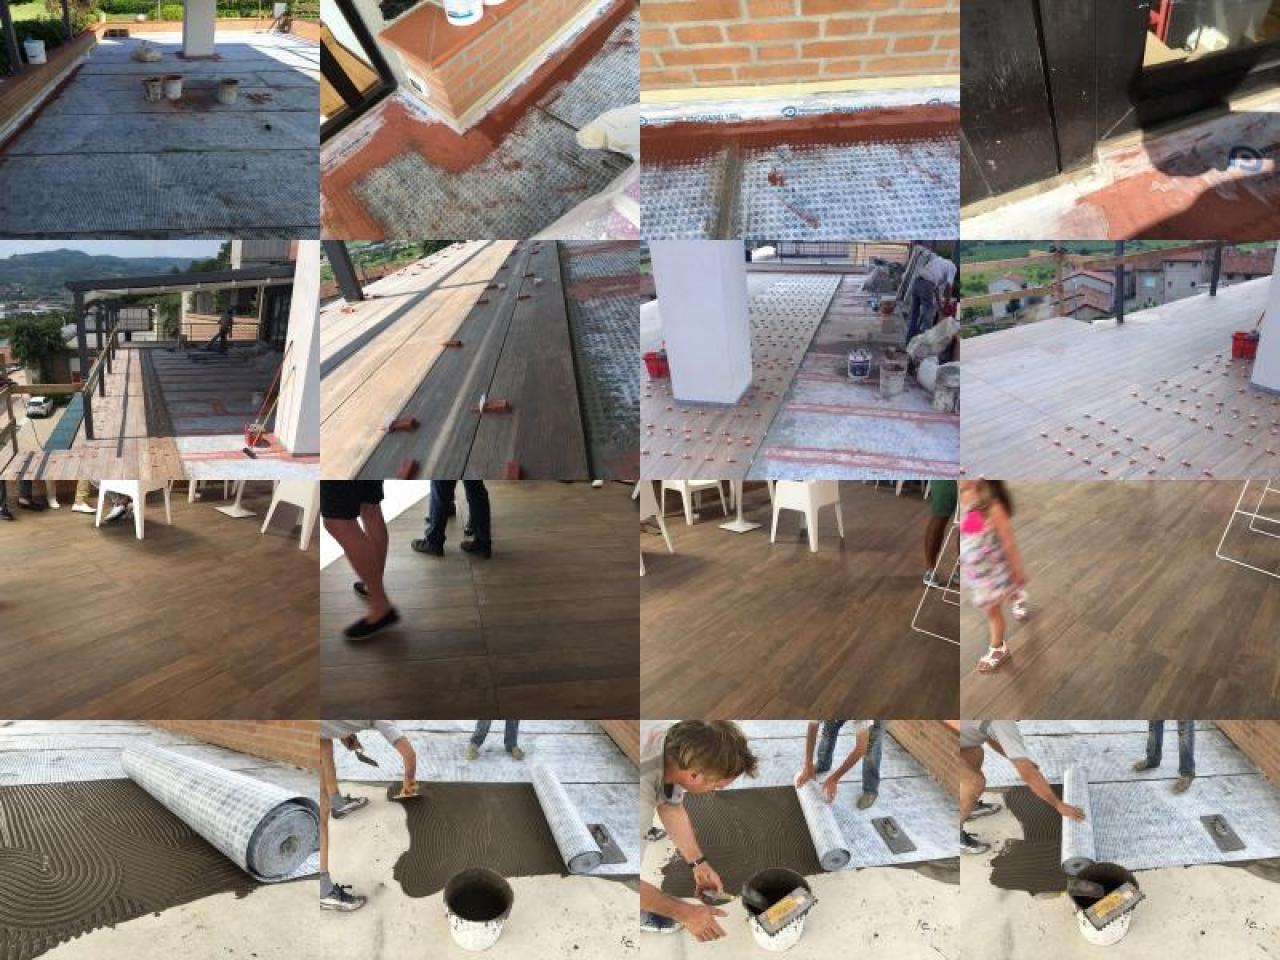 Impermeabilizzare un terrazzo impresa riuscita fratelli pellizzari